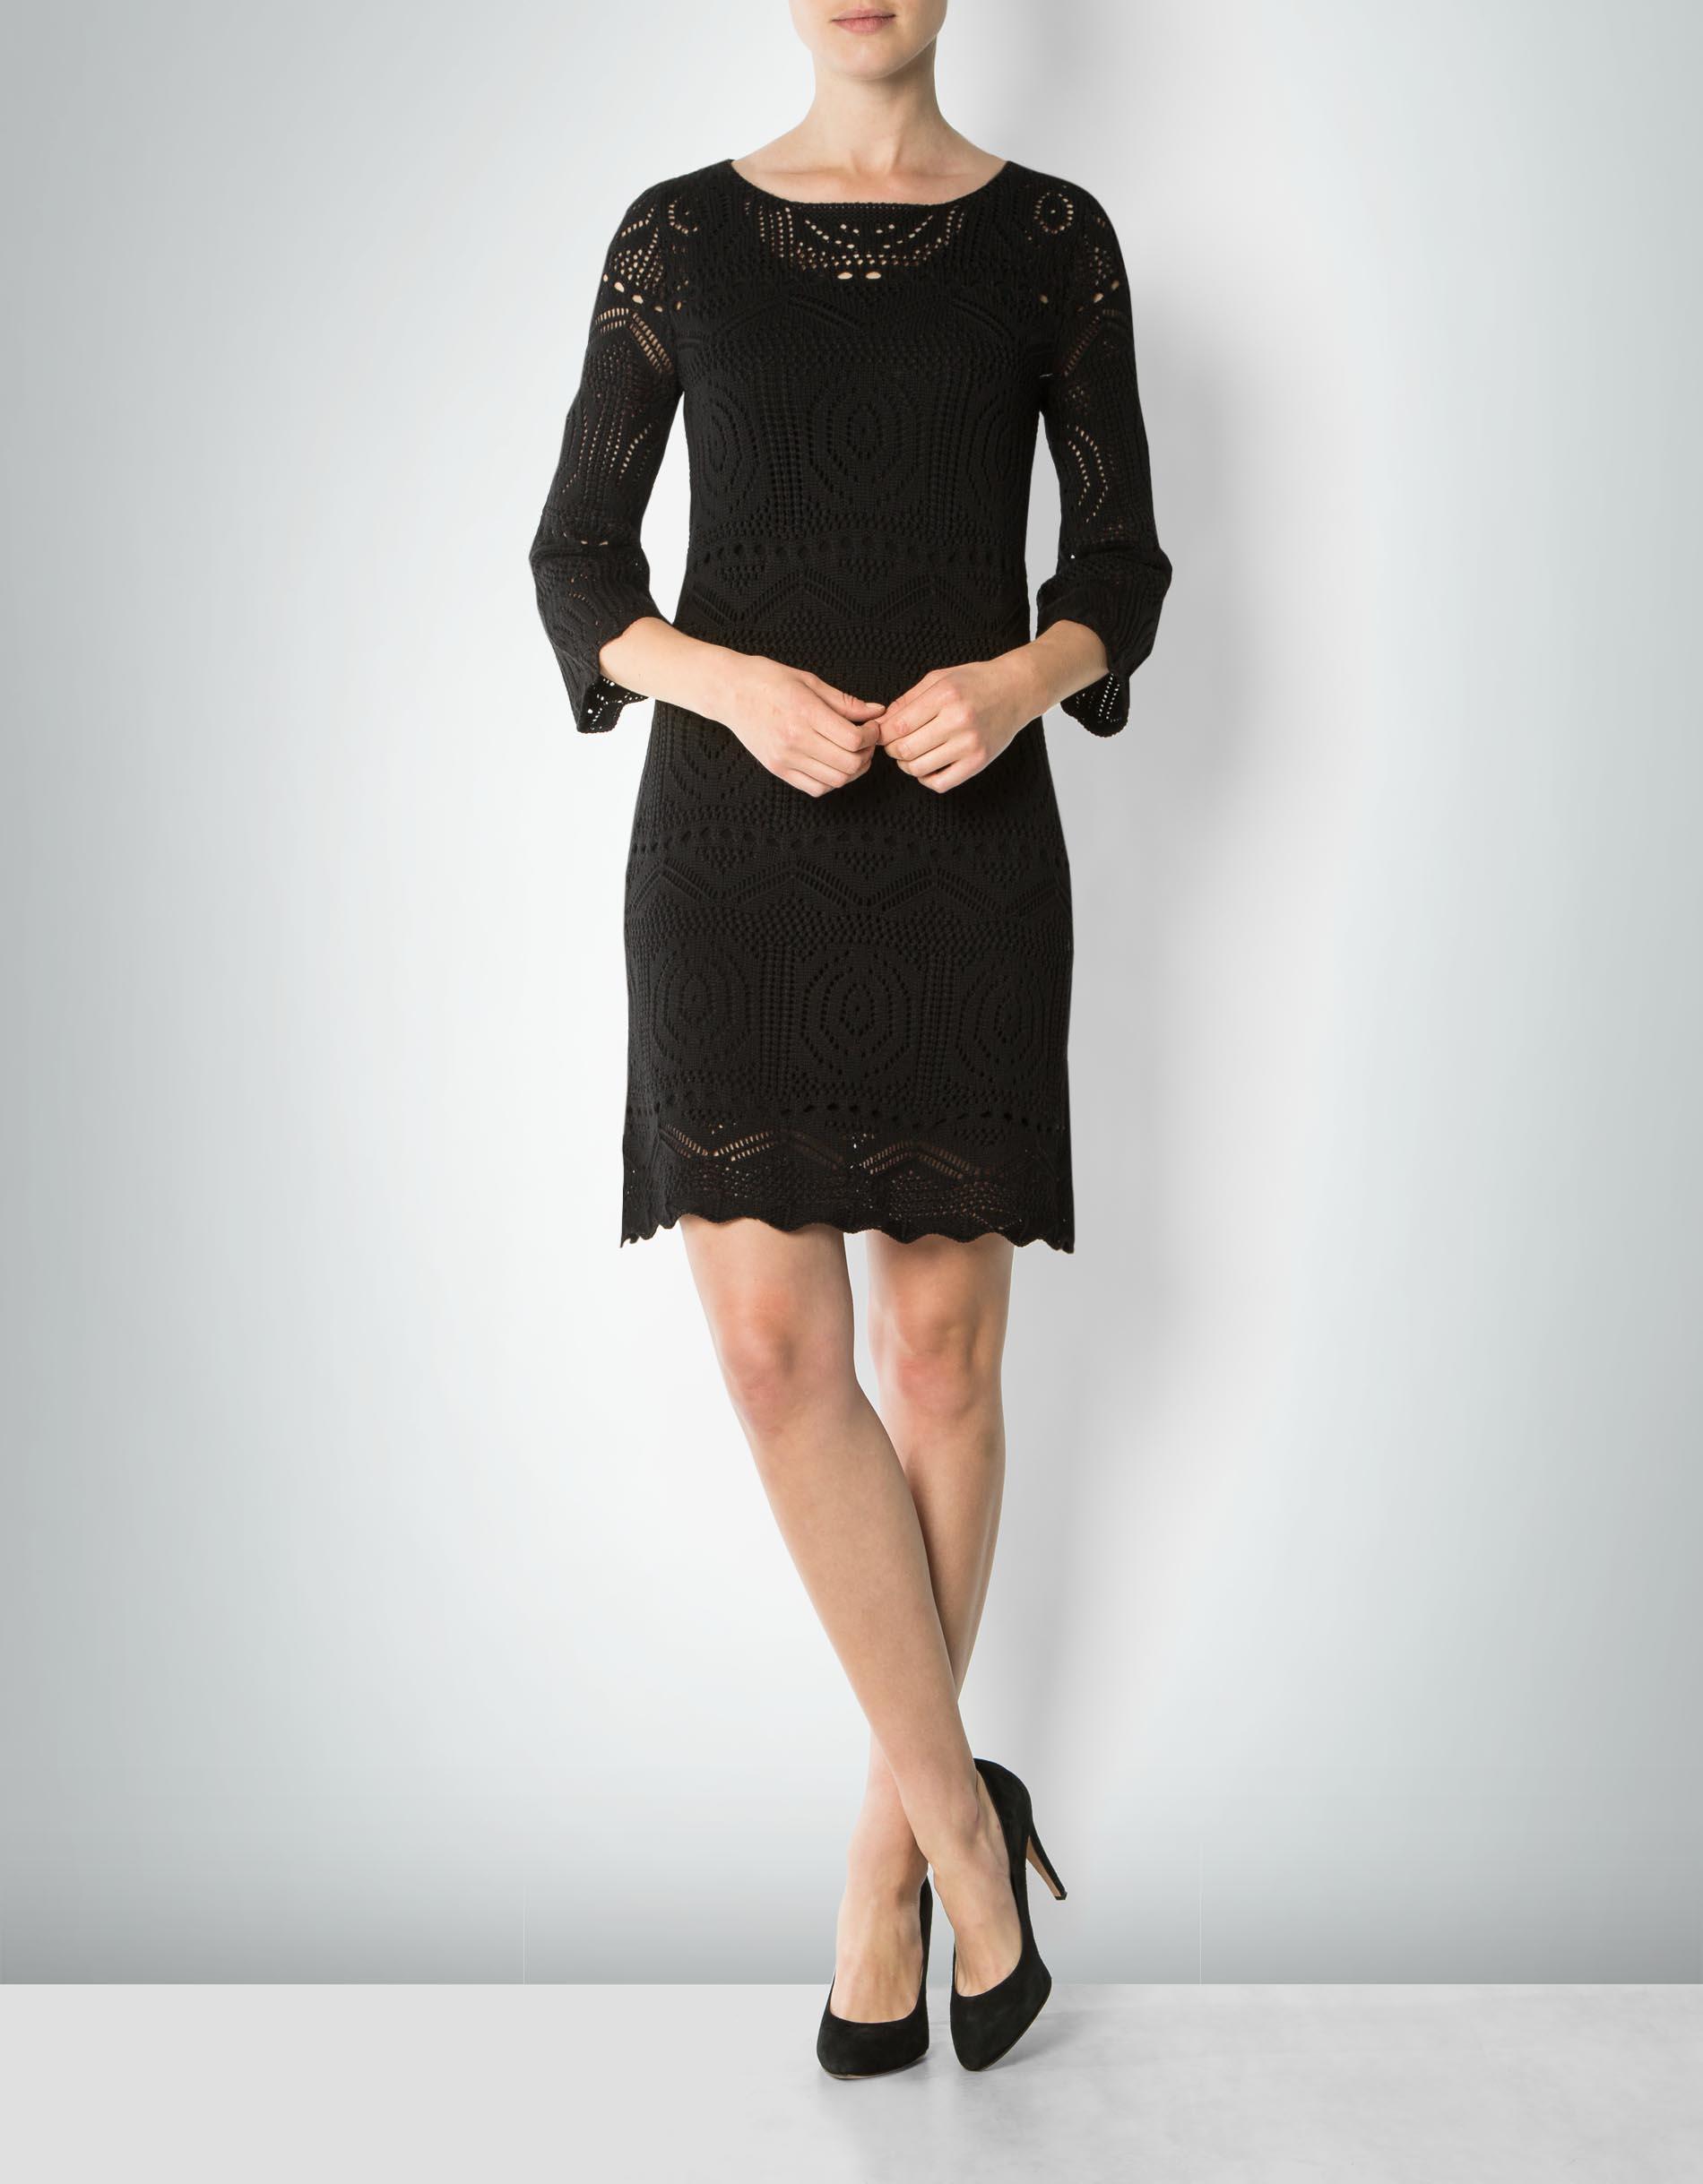 liu jo damen kleid im lochstrick empfohlen von deinen. Black Bedroom Furniture Sets. Home Design Ideas